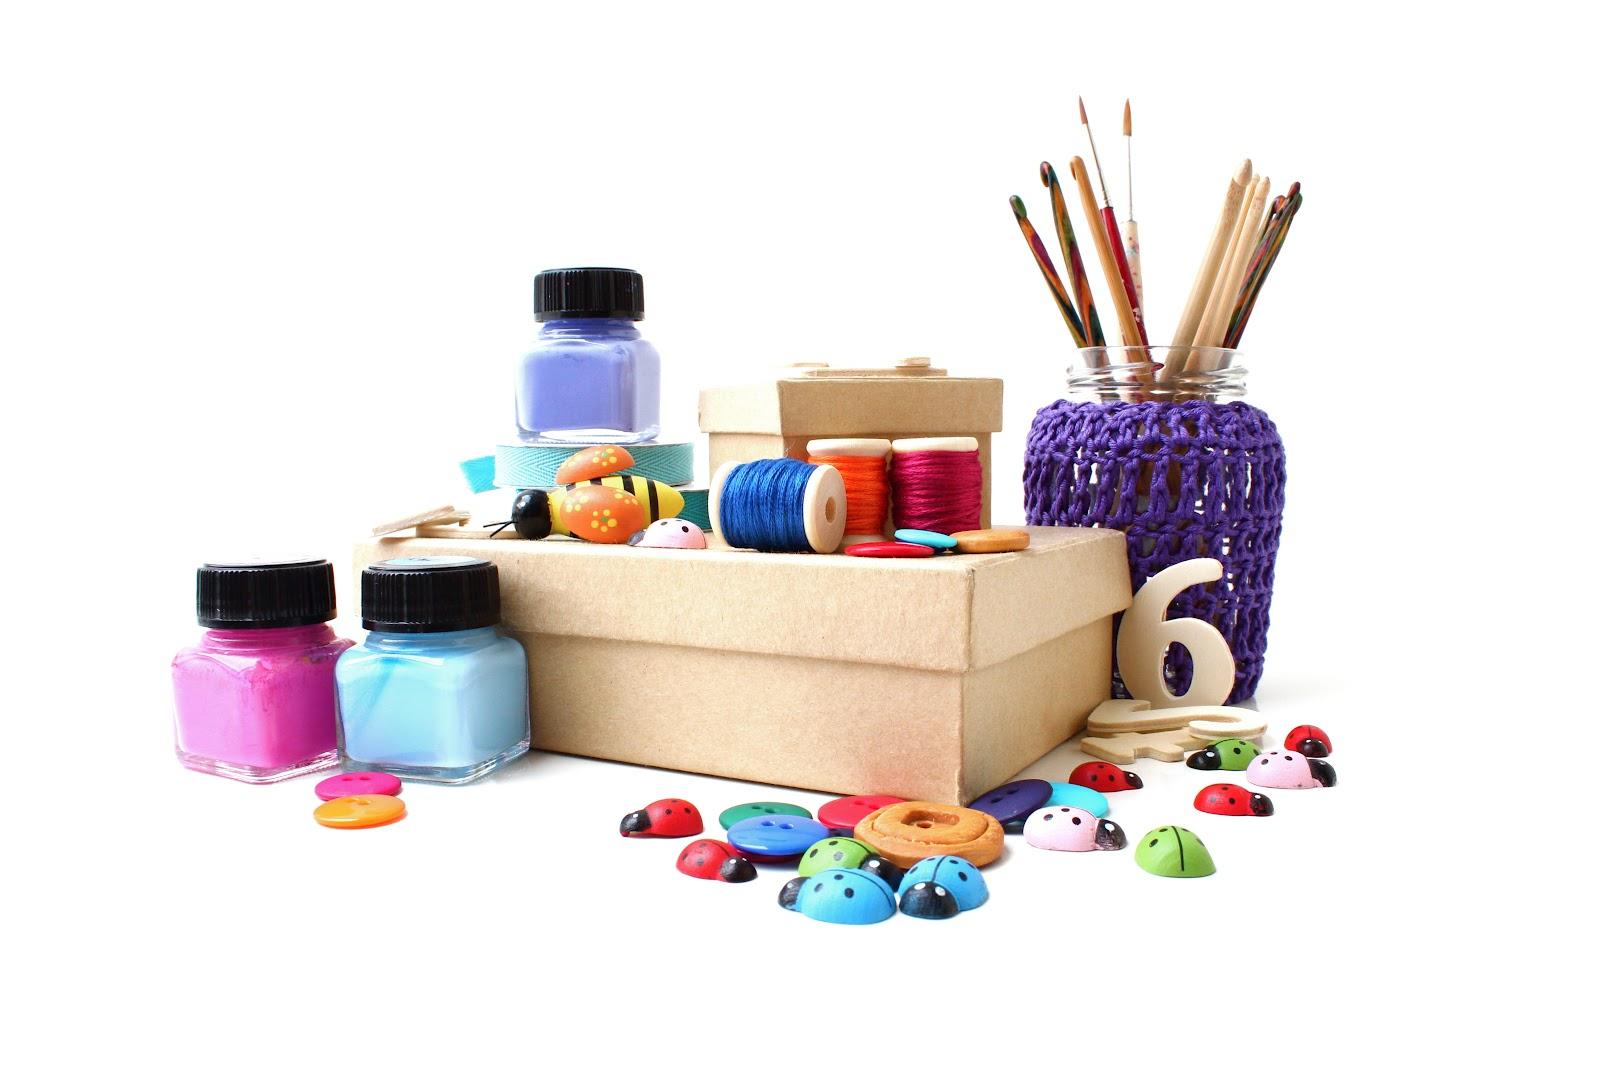 Сбор заказов. Все для шитья, рукоделия и творчества. А также шторы-бусы, шторная фурнитура, коробочки для мелочей, мелочи для дома. Акриловые краски, скрапбукинг, квиллинг, декупаж и многое-многое другое- 5 Предновогодний сбор.